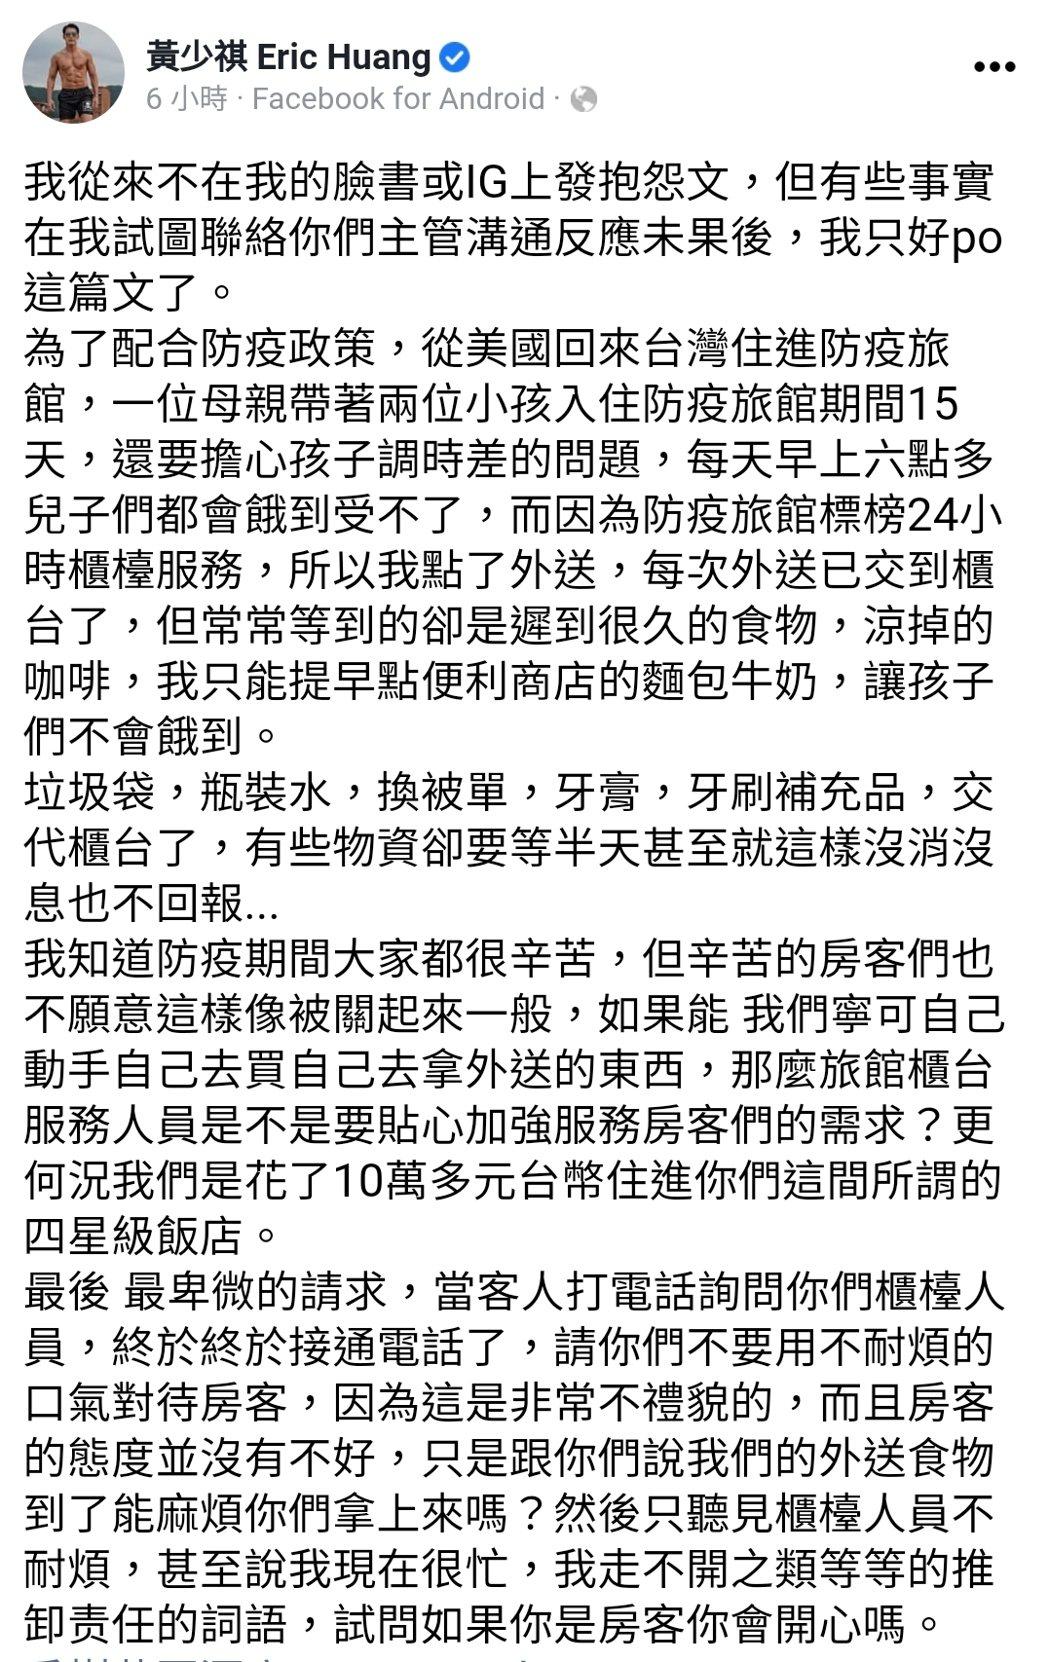 黃少祺怒控防疫旅館服務不佳。 圖/擷自黃少祺臉書